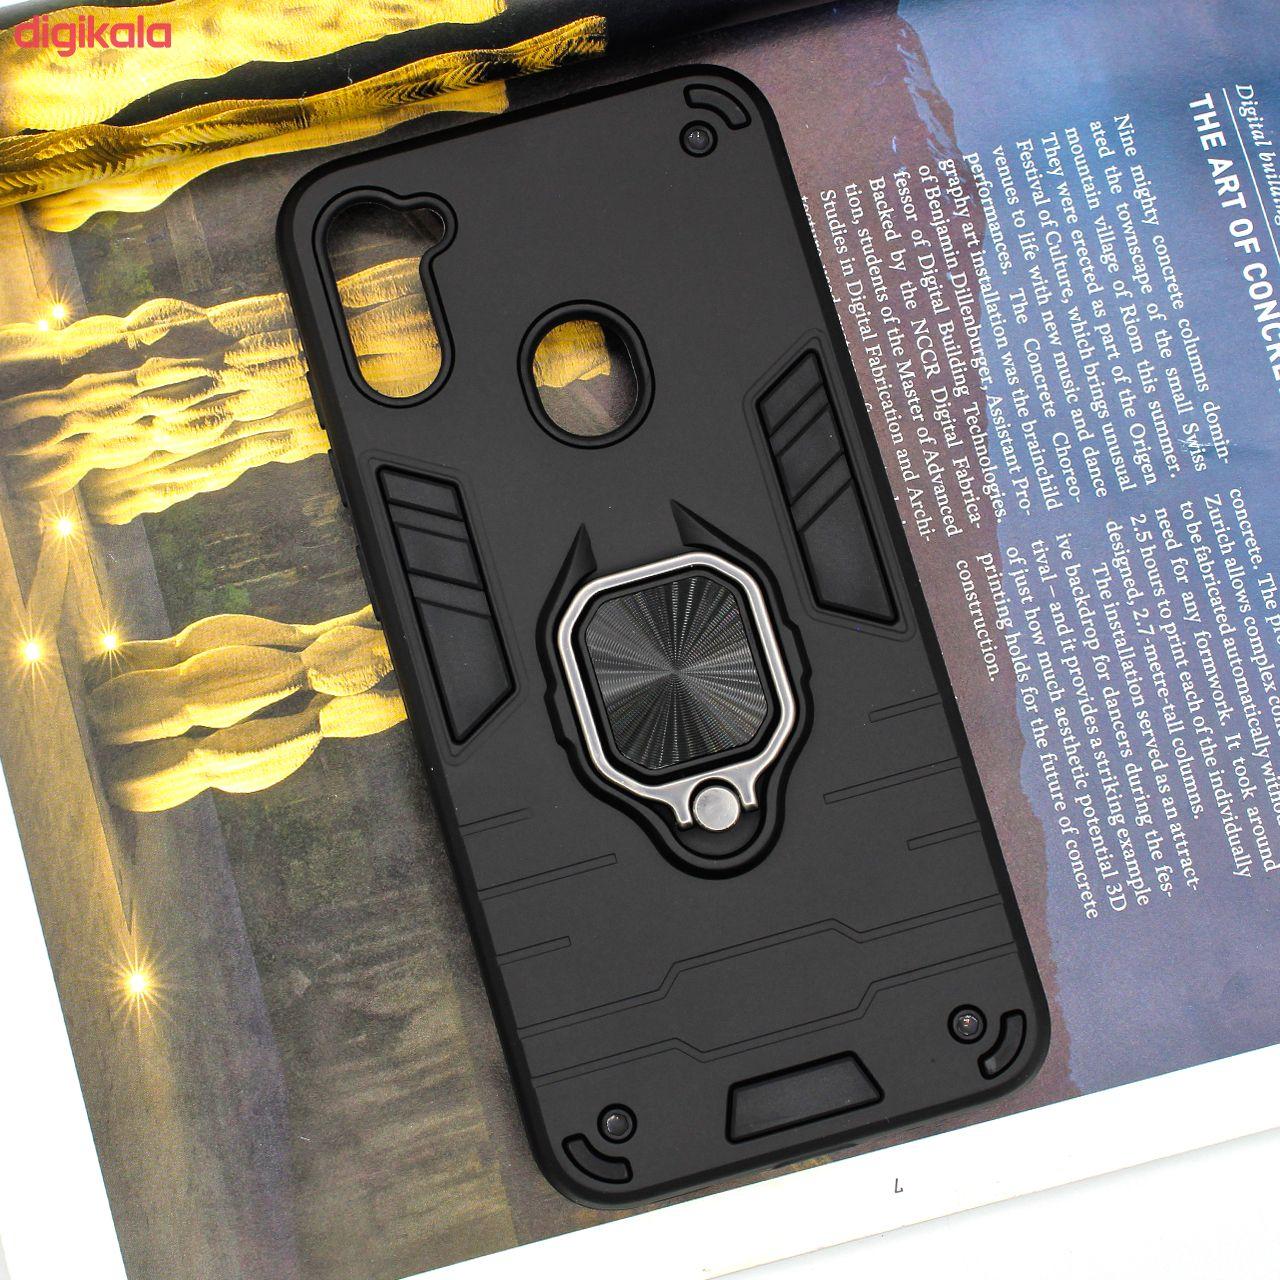 کاور کینگ پاور مدل ASH22 مناسب برای گوشی موبایل سامسونگ Galaxy A11 main 1 9